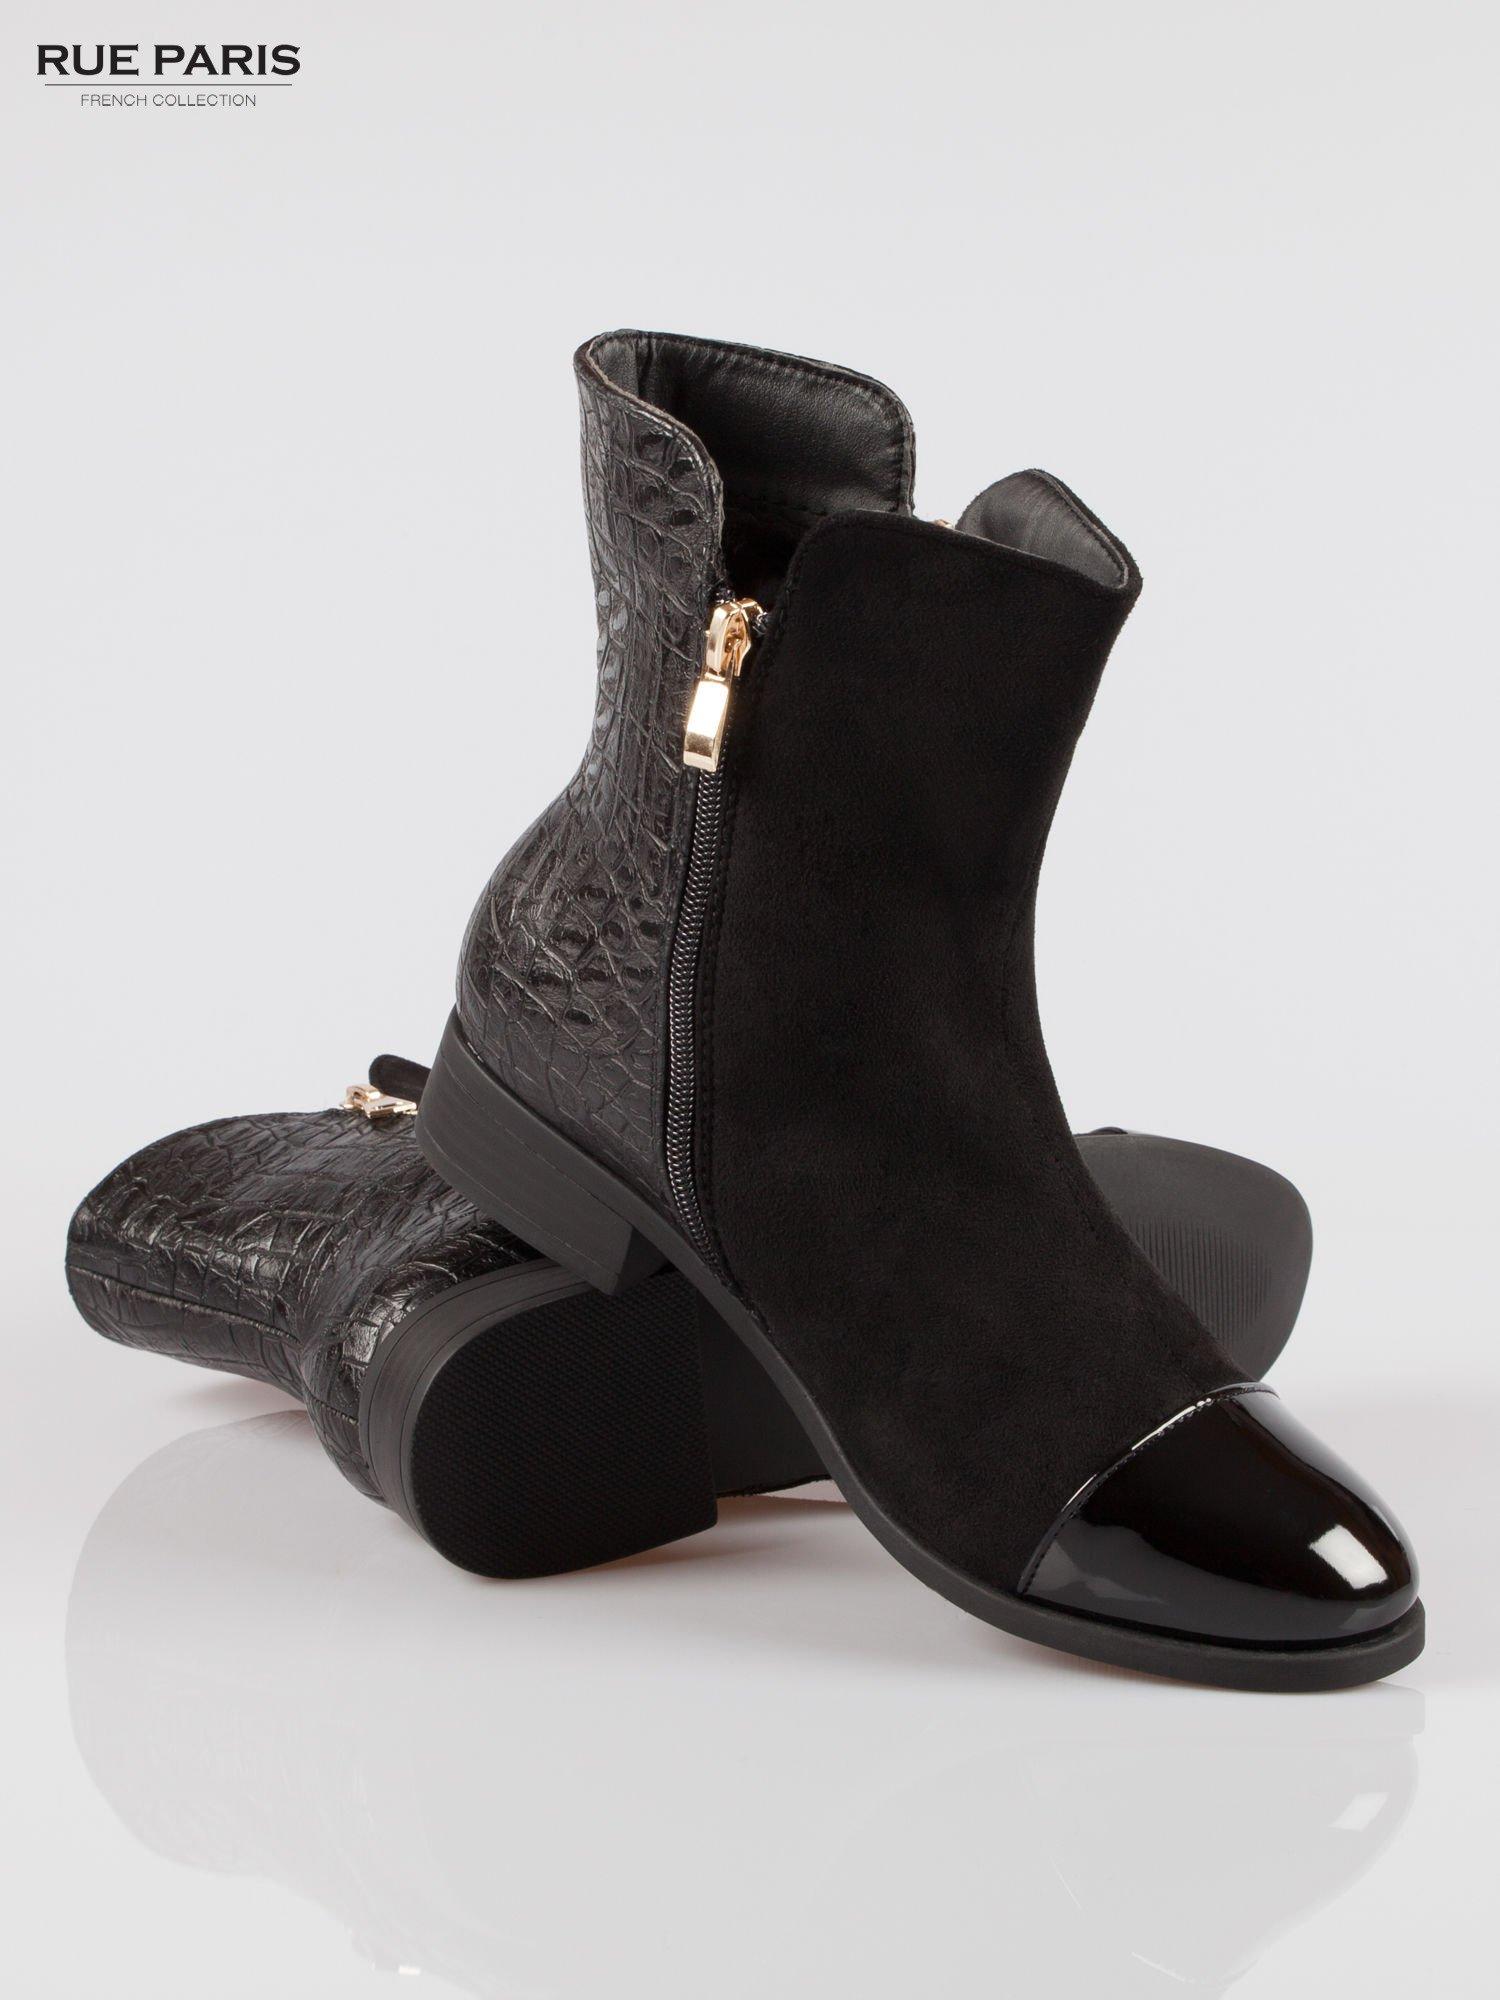 Czarne botki z dwustronnym zamkiem z tyłem z efektem skóry krokodyla                                  zdj.                                  4